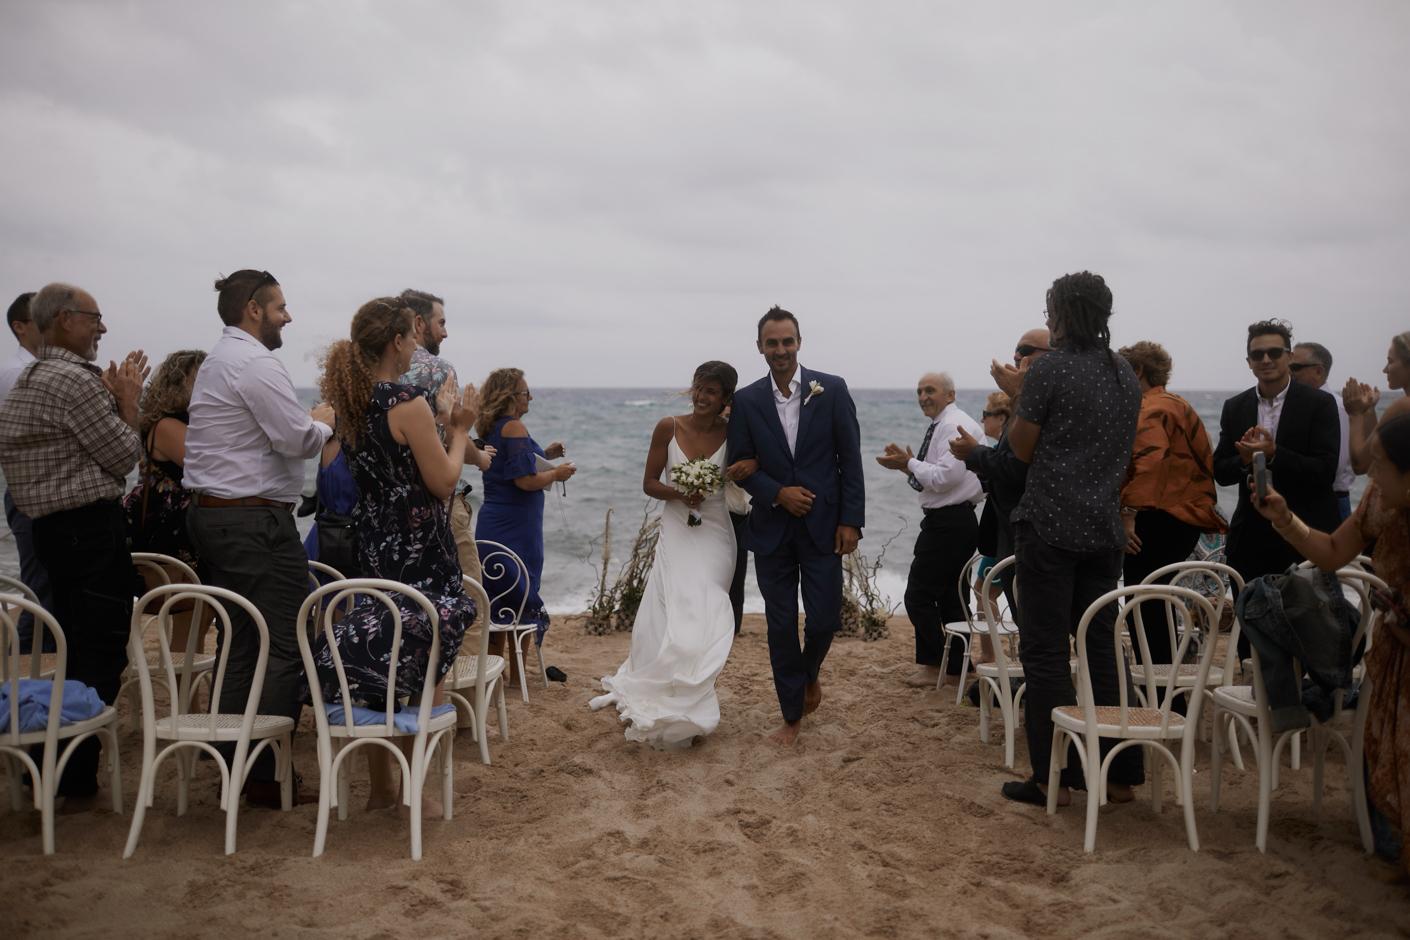 Francesca Floris cerimonia in Spiaggia a Orosei